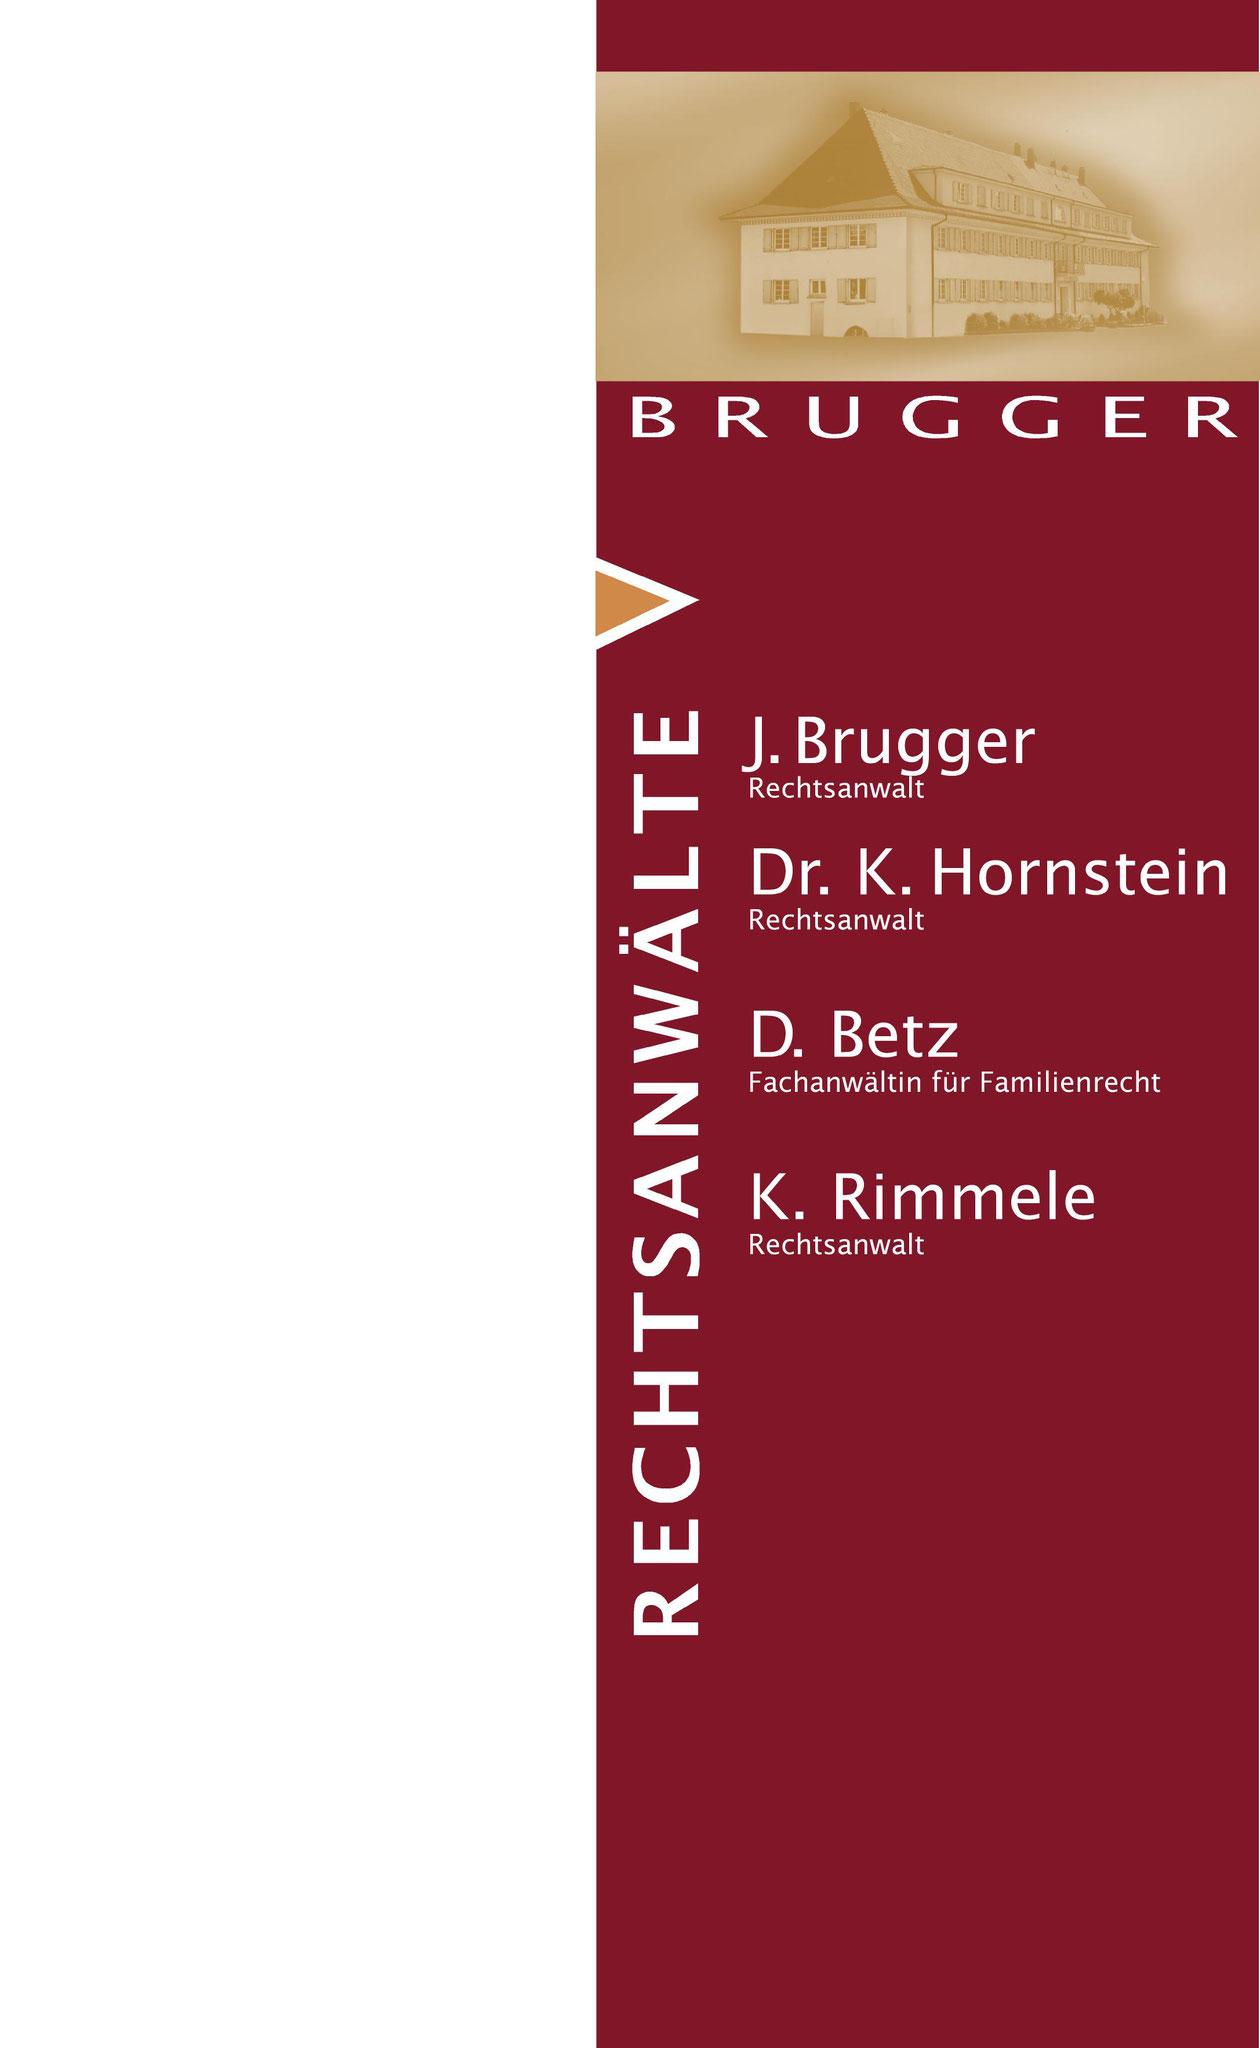 Hausschild Brugger